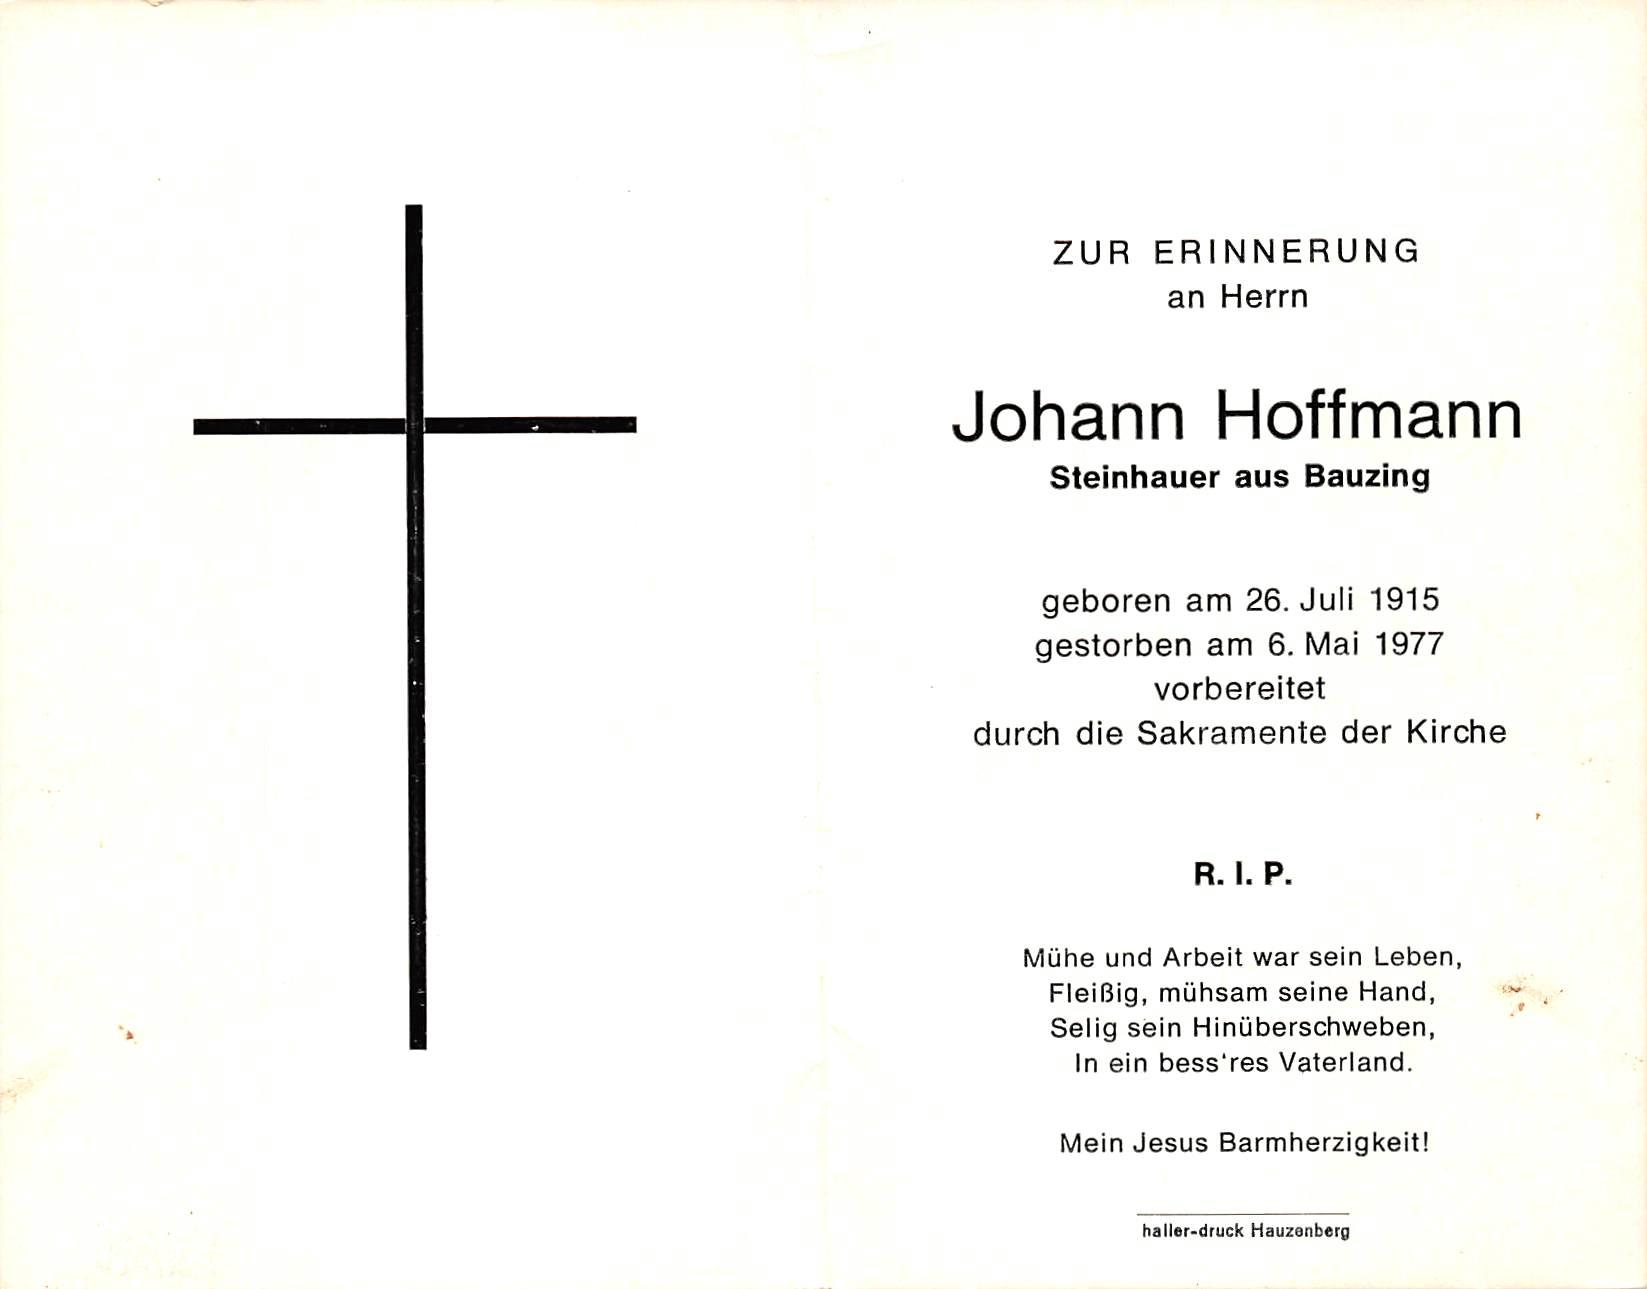 1977-05-06-Hoffmann-Johann-Bauzing-Steinhauer